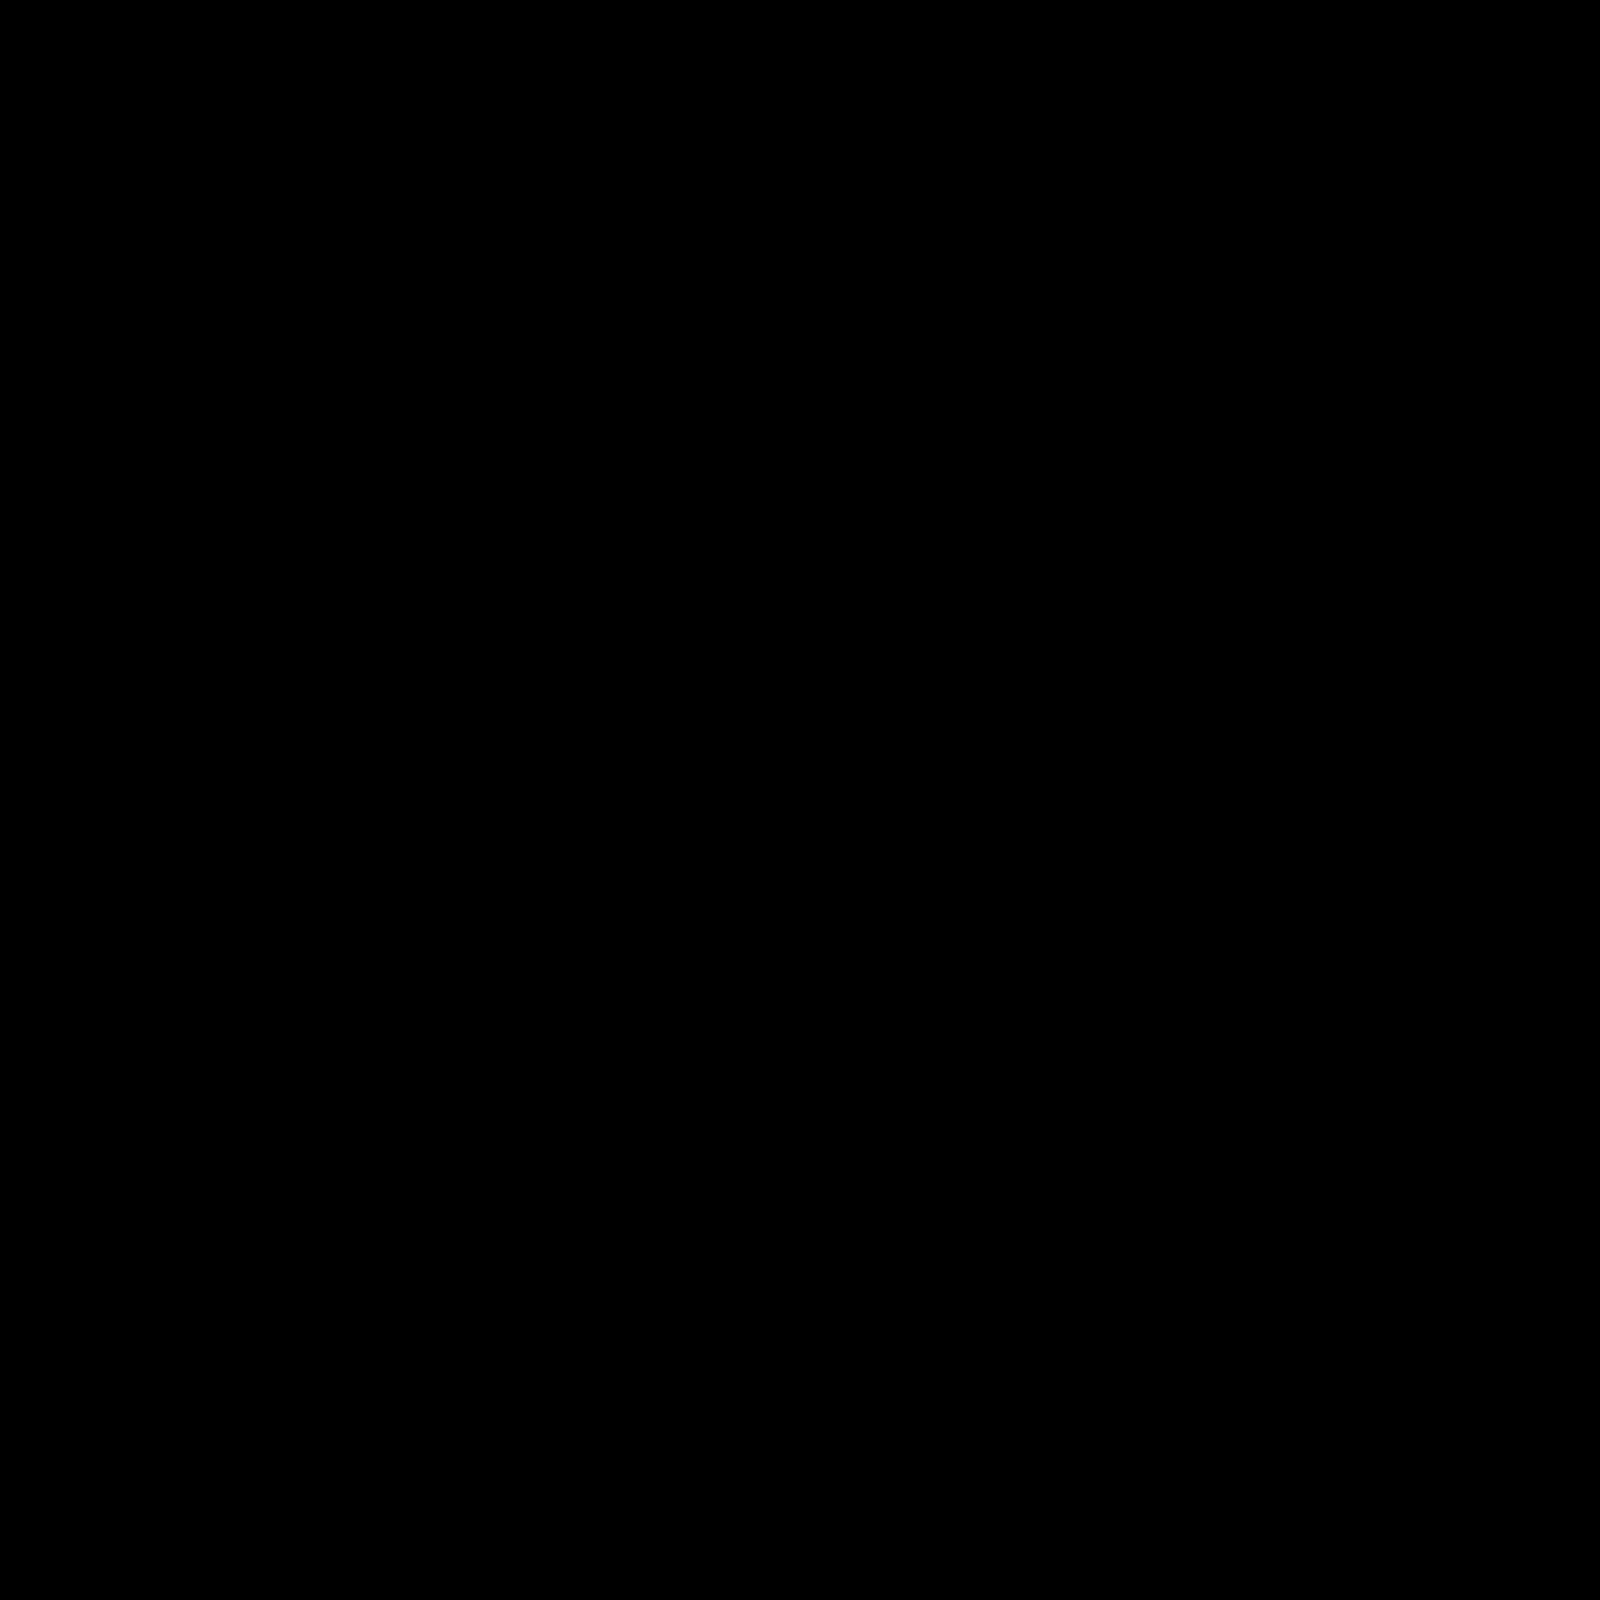 airdrop アイコン 無料ダウンロード png およびベクター